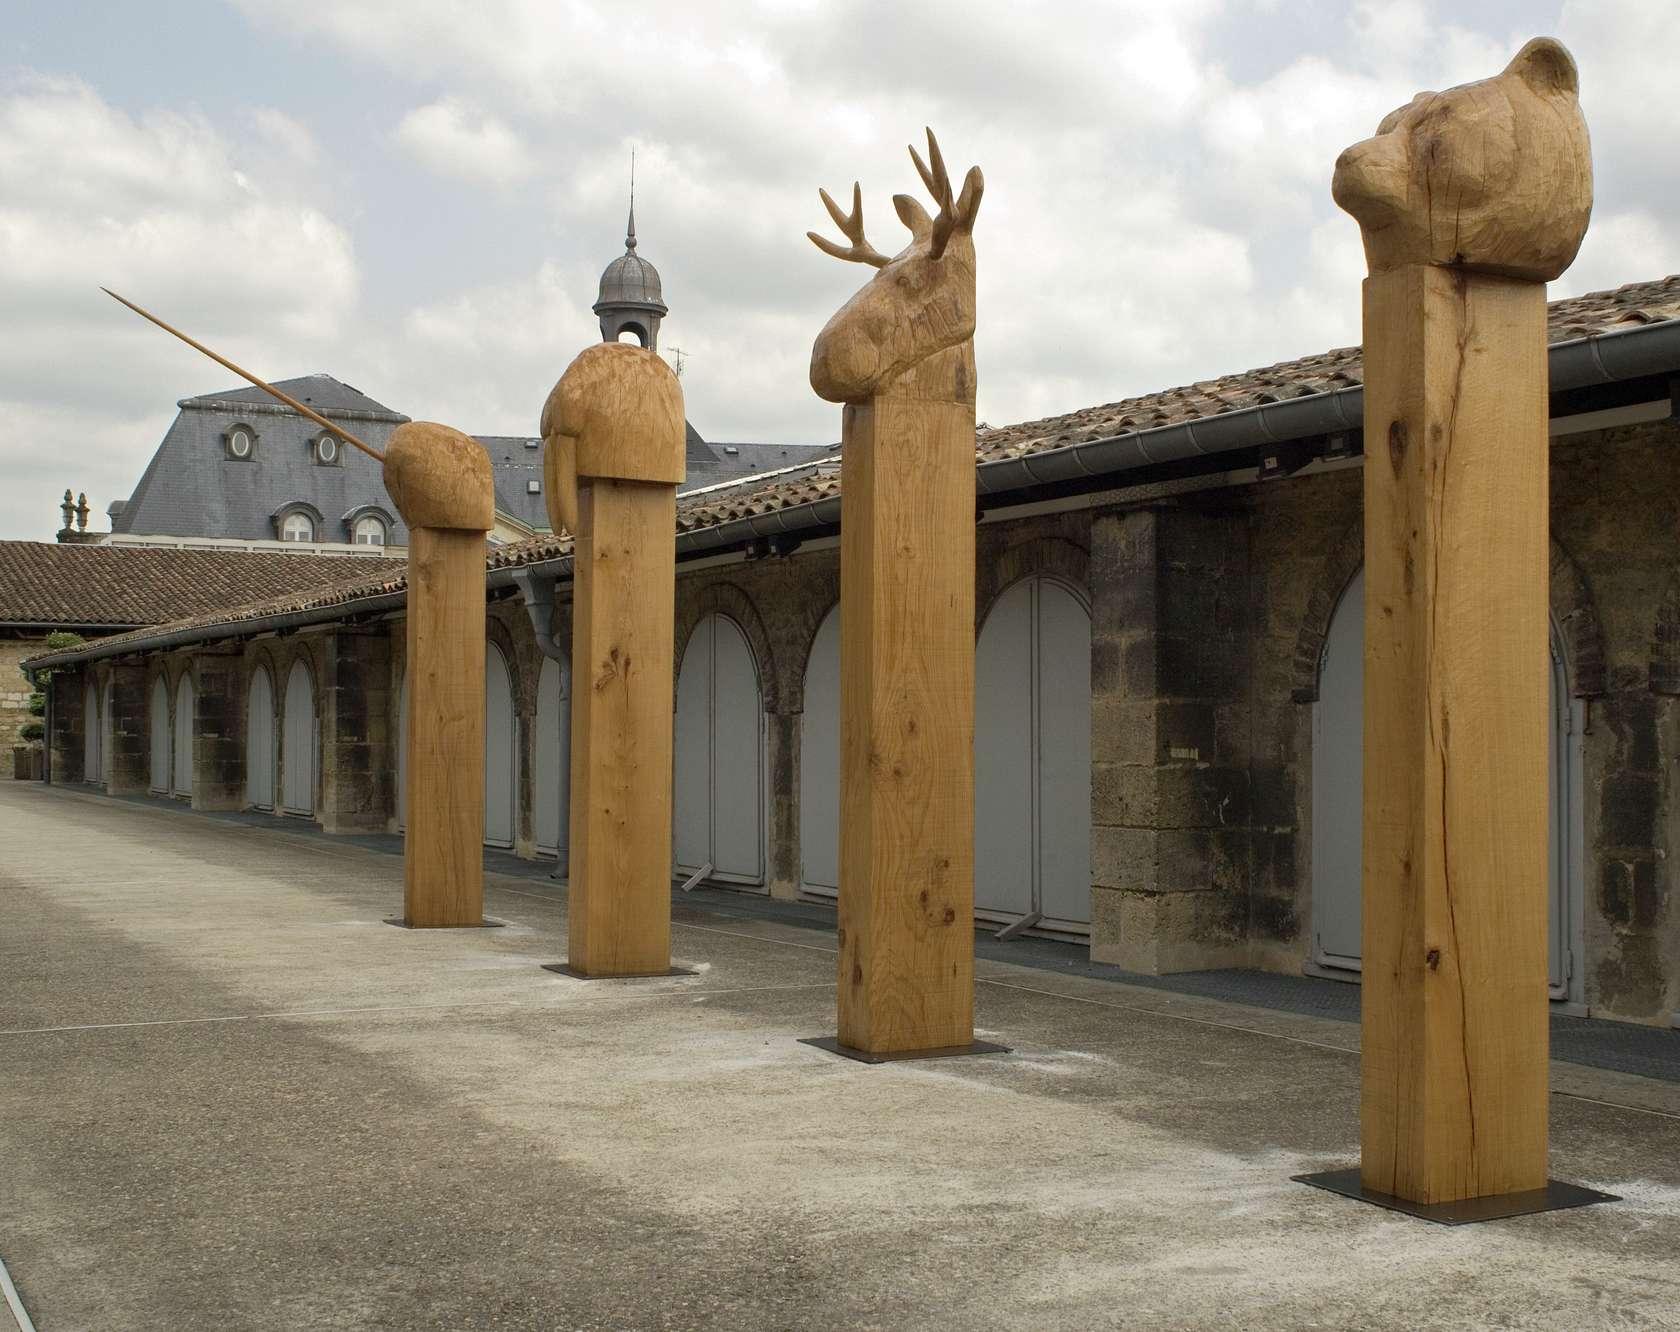 Laurent Le Deunff, Totems, 2007 Chêne256 x 50 x 50 cm / 100 6/8 x 19 5/8 x 19 5/8 inches